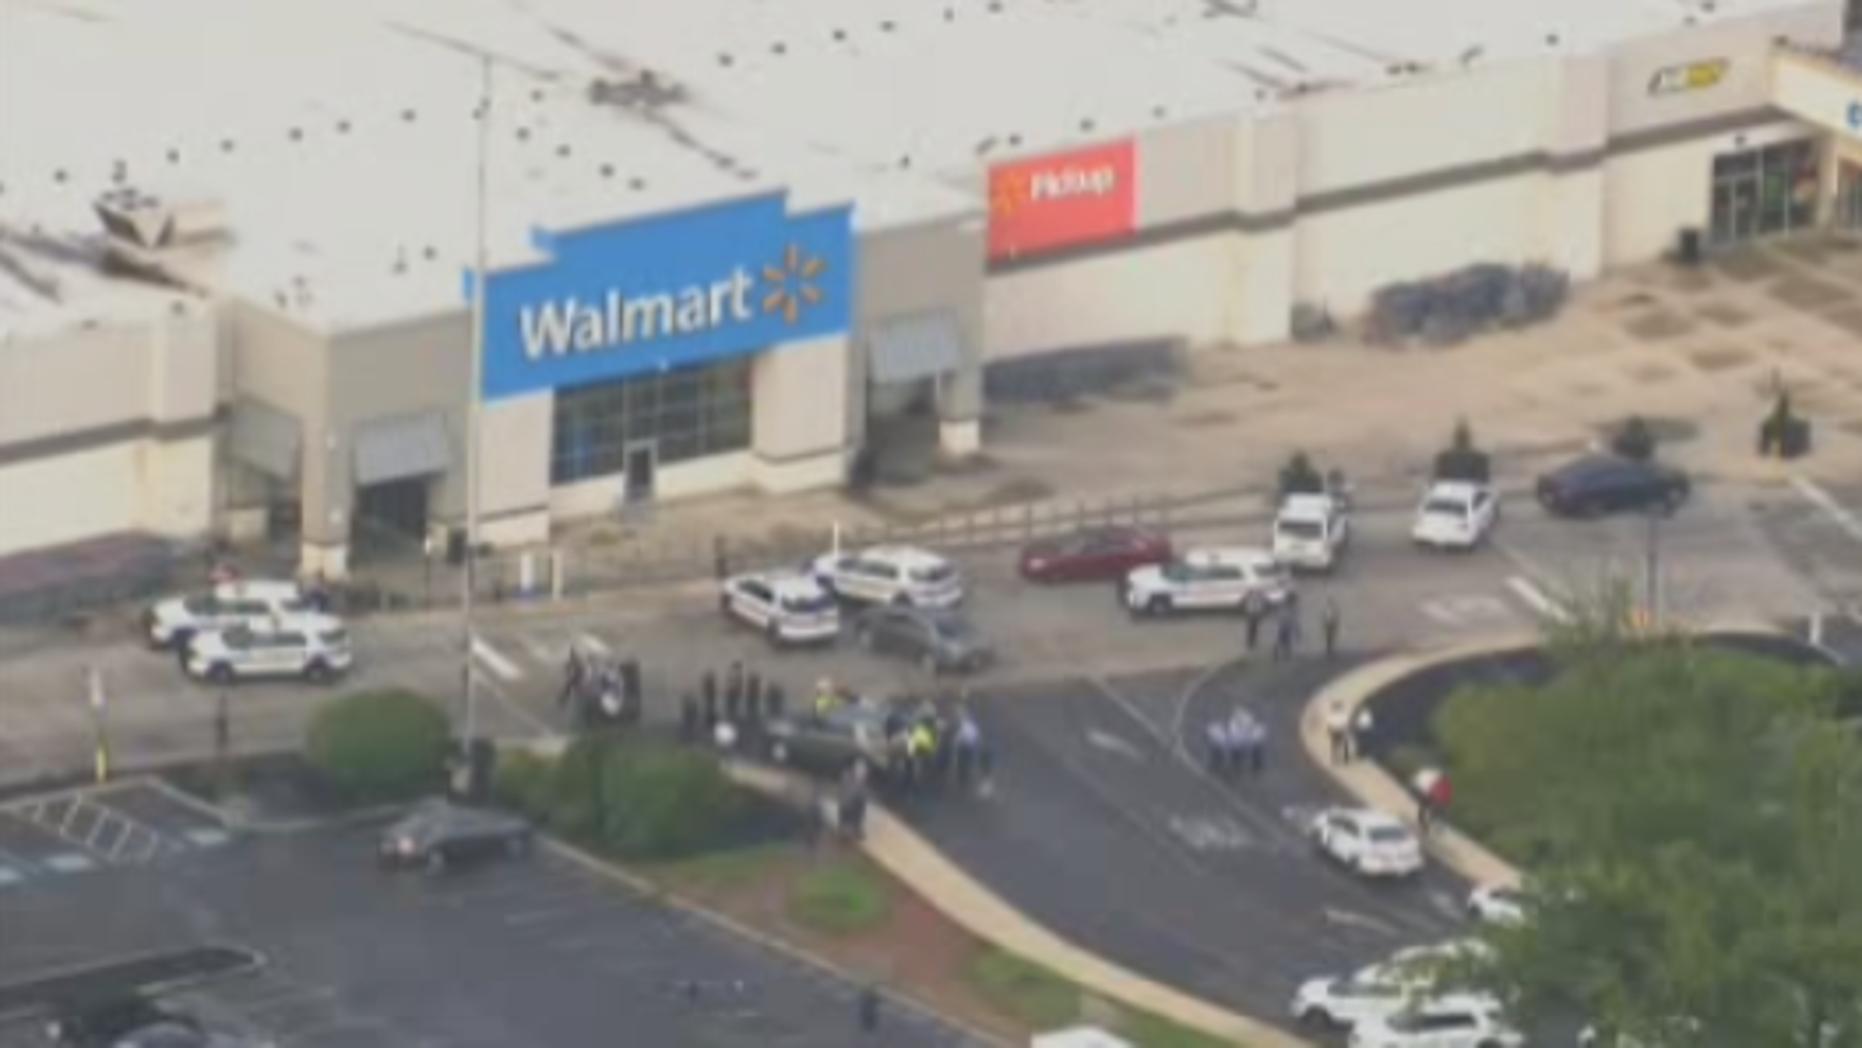 At least 5 shot inside Philadelphia-area Walmart, suspect in